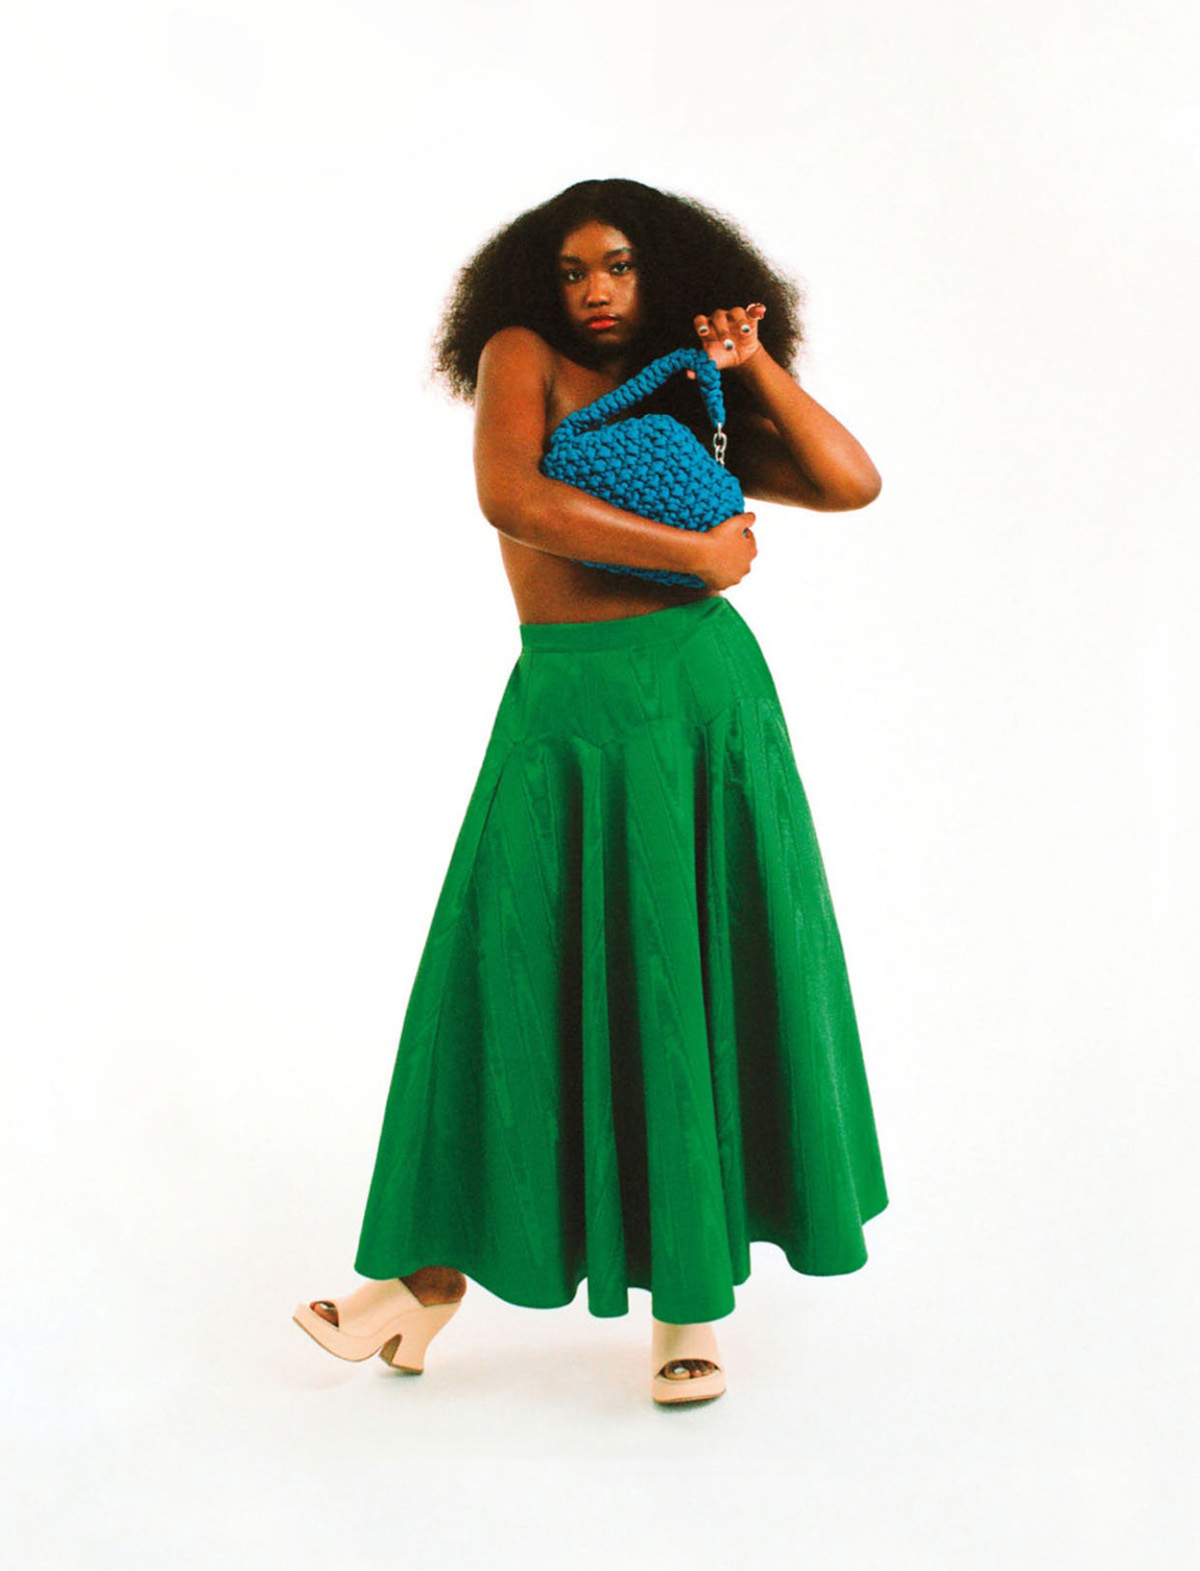 Tatiana Williams by Sofa Álvarez for Elle Mexico July 2021